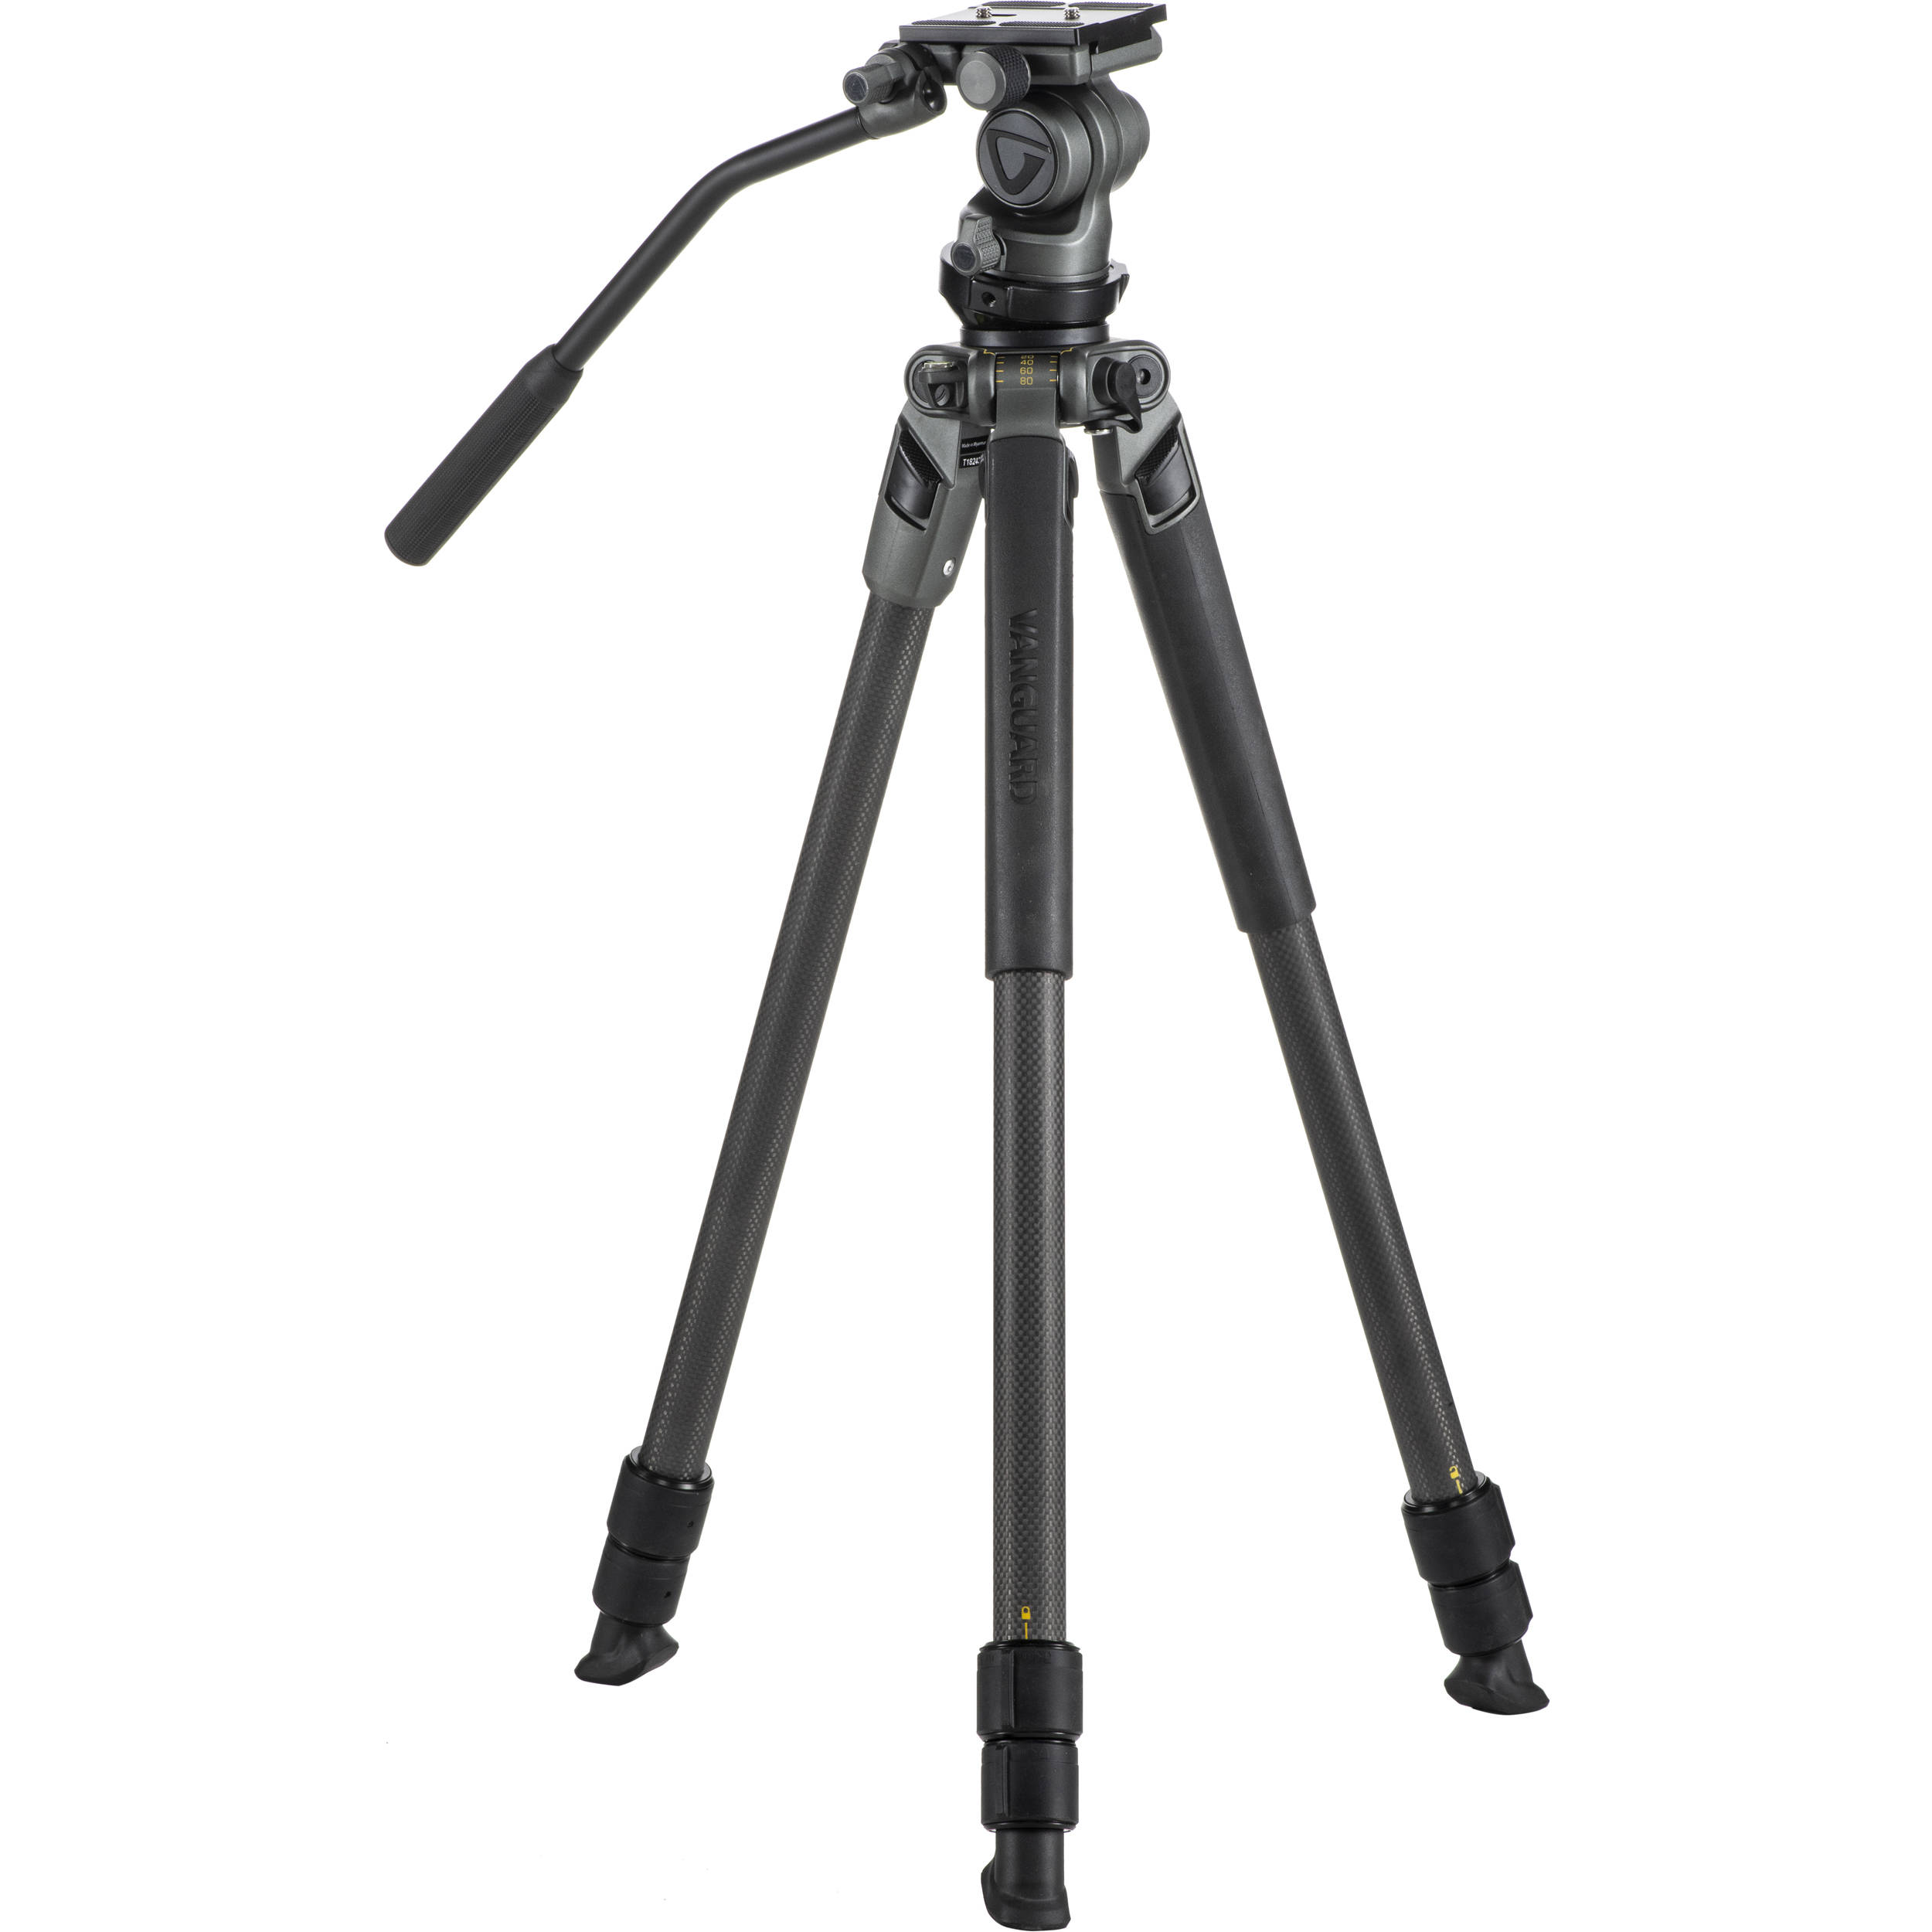 Vanguard Alta Pro 2V 263CV Carbon Fiber Video Tripod with Alta PH-114V Video Head